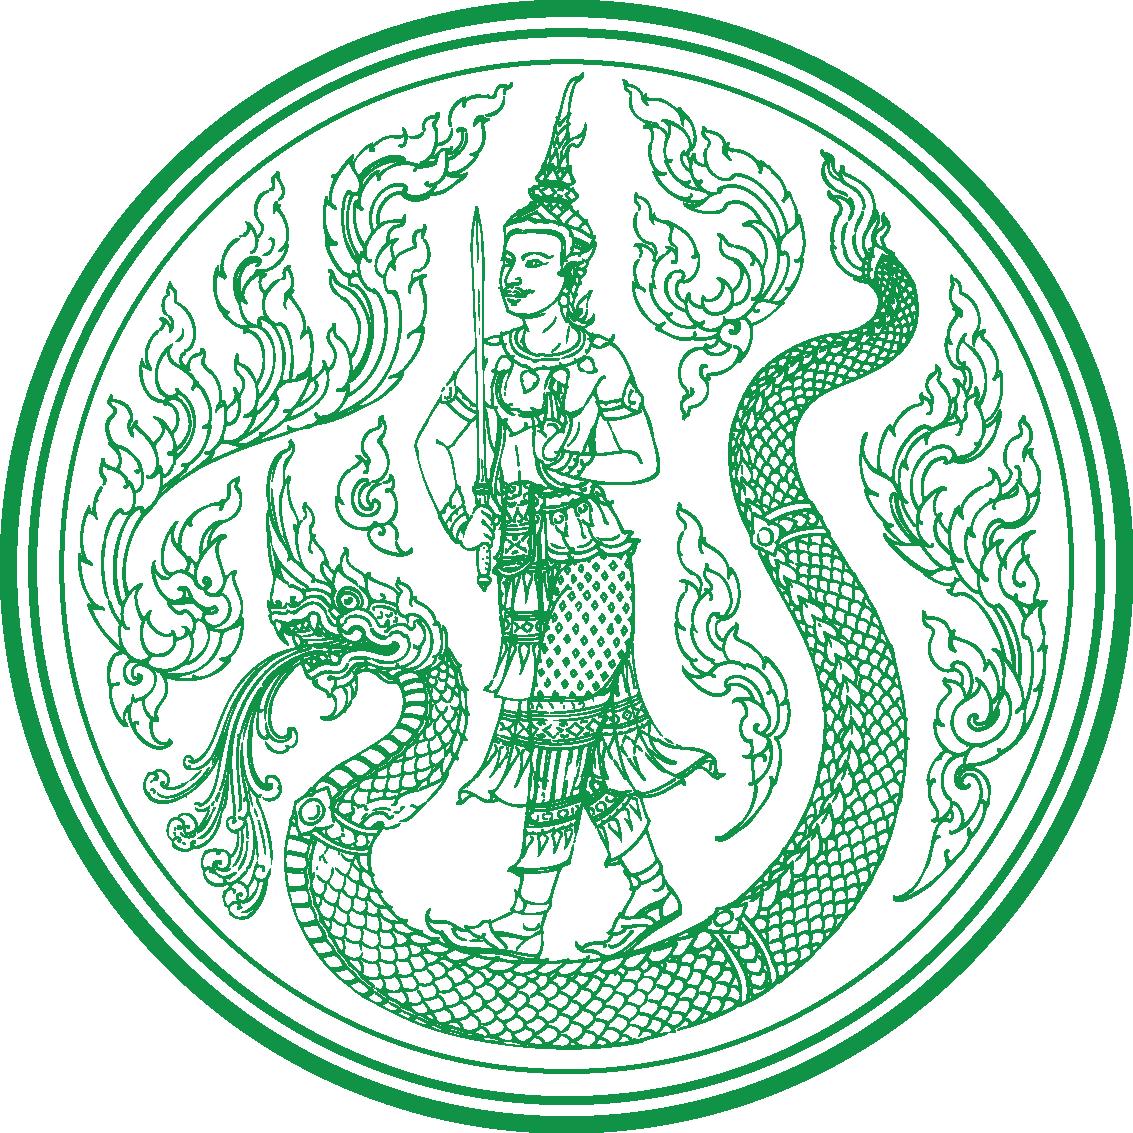 วิกิพีเดีย - ไฟล์:Emblem Thailand.png of MOAC,